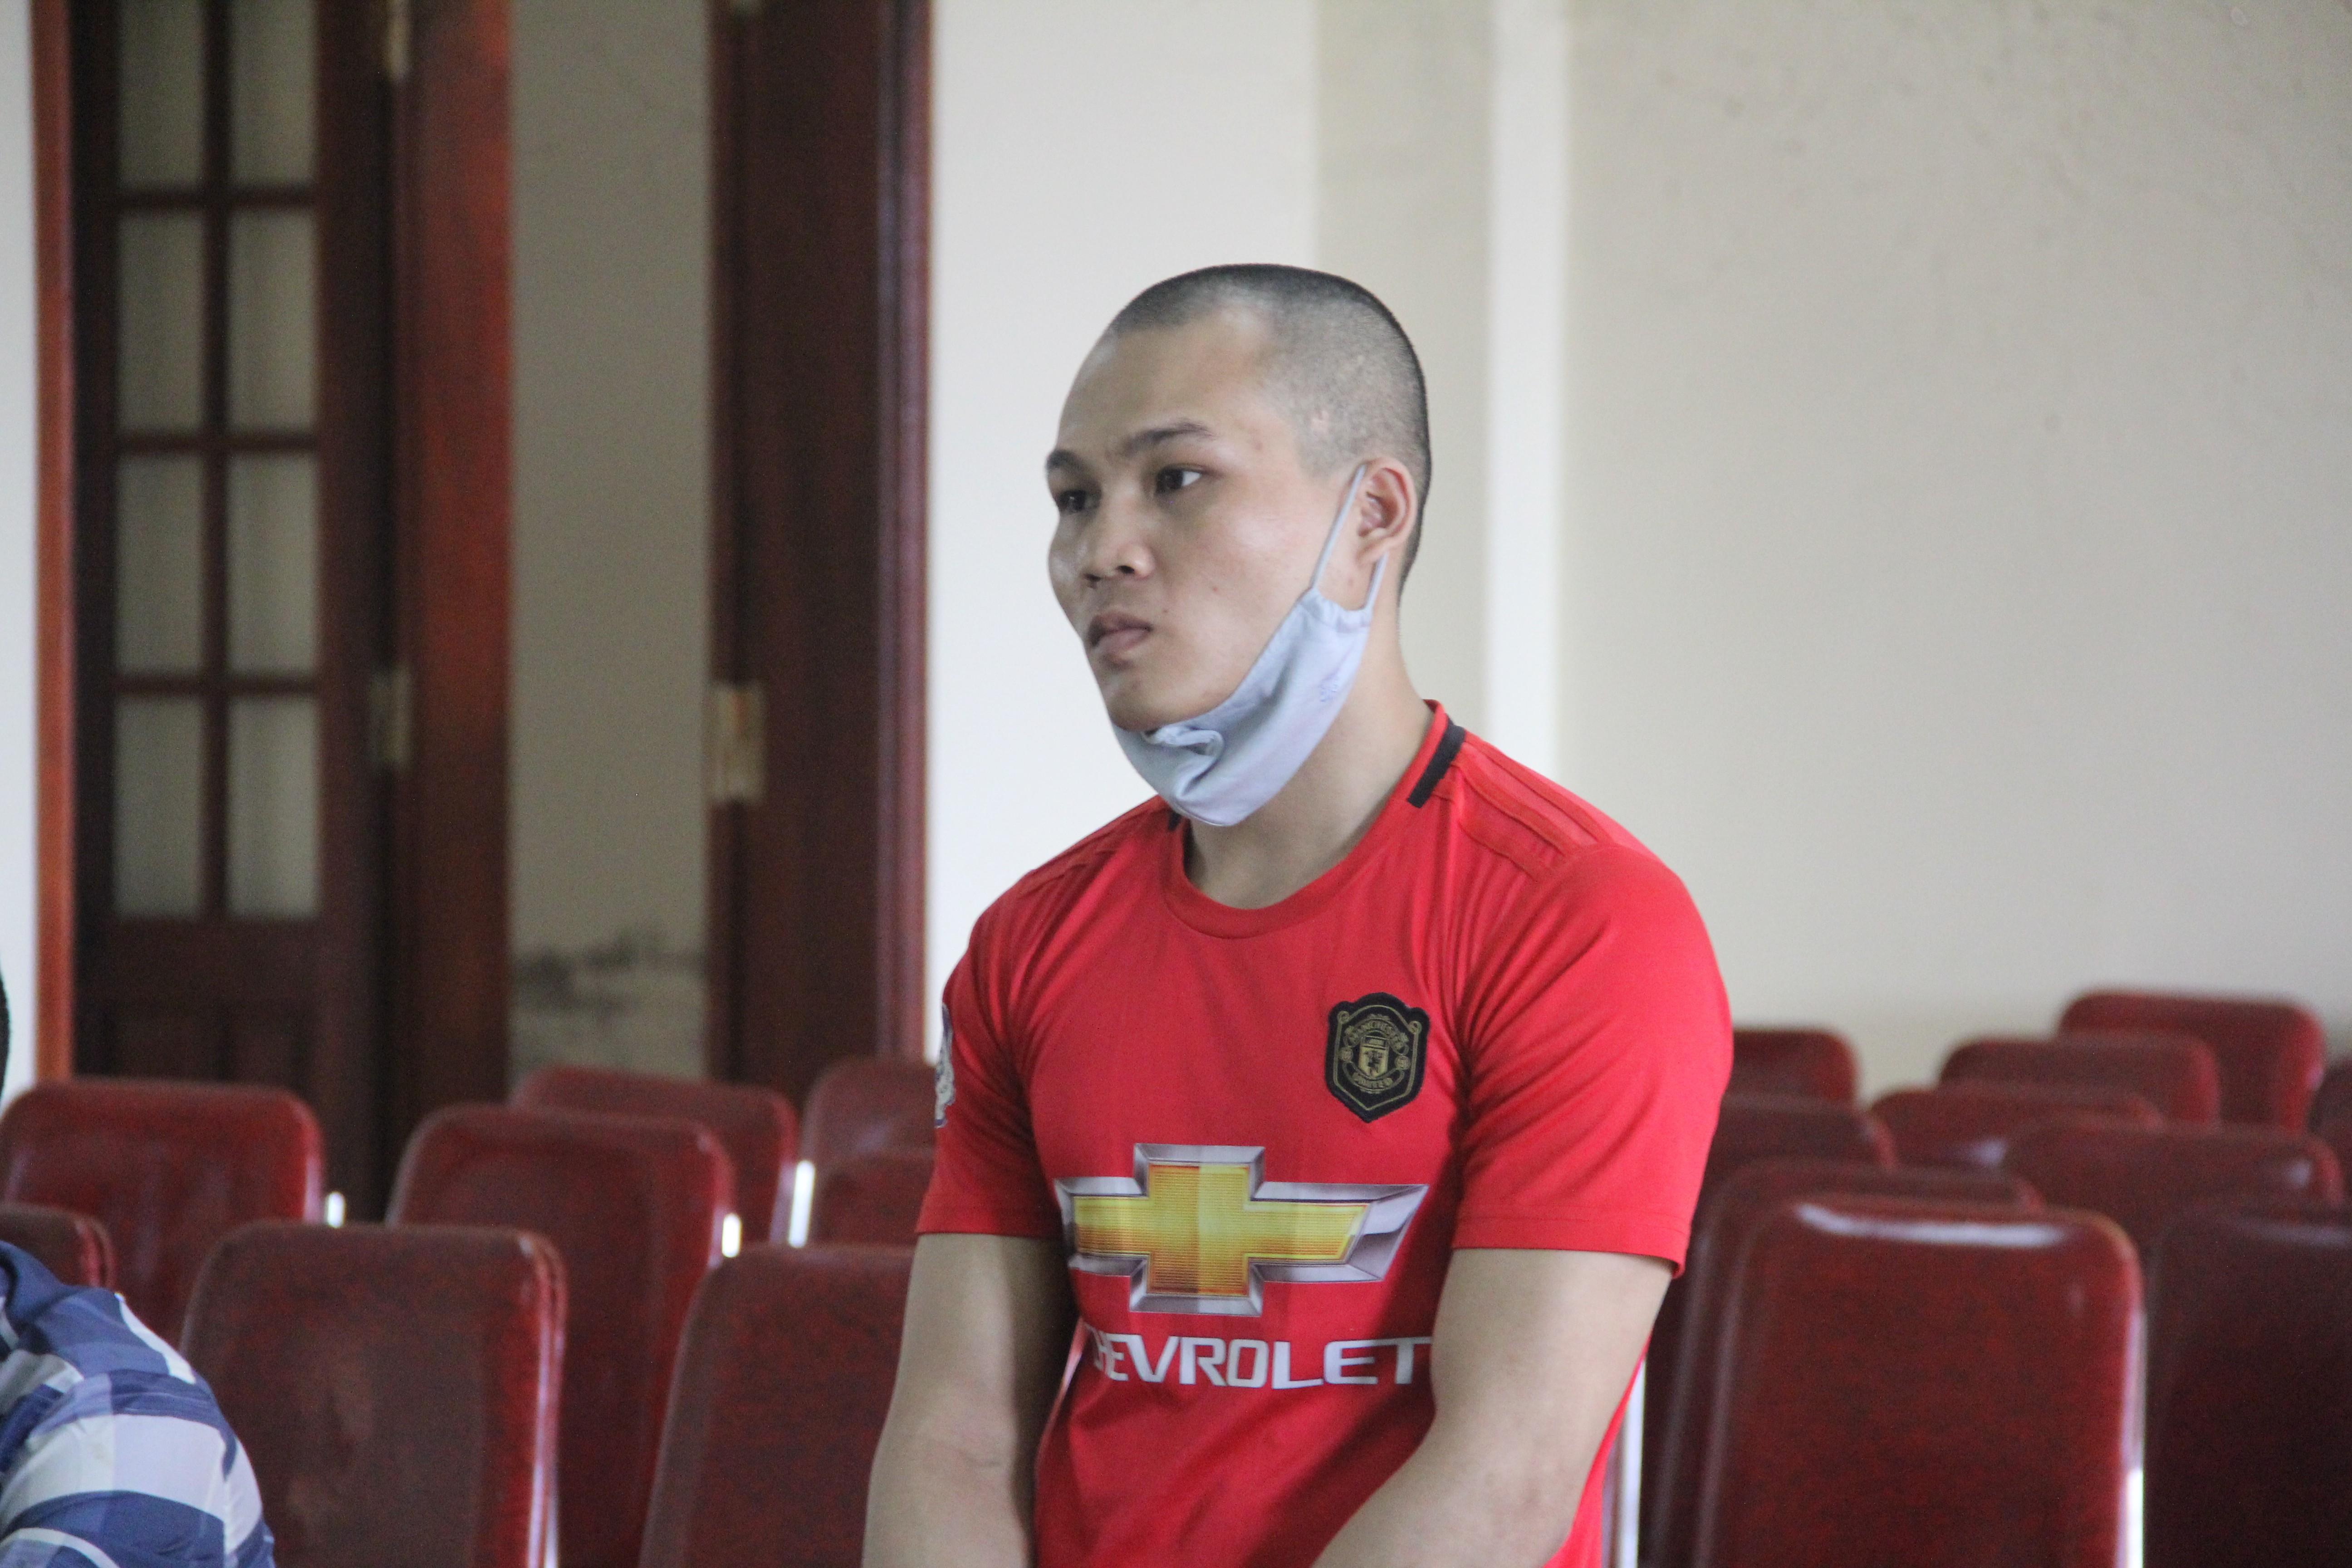 Với hành vi bán em gái, Cụt Văn Dao phải nhận mức án 12 năm tù.